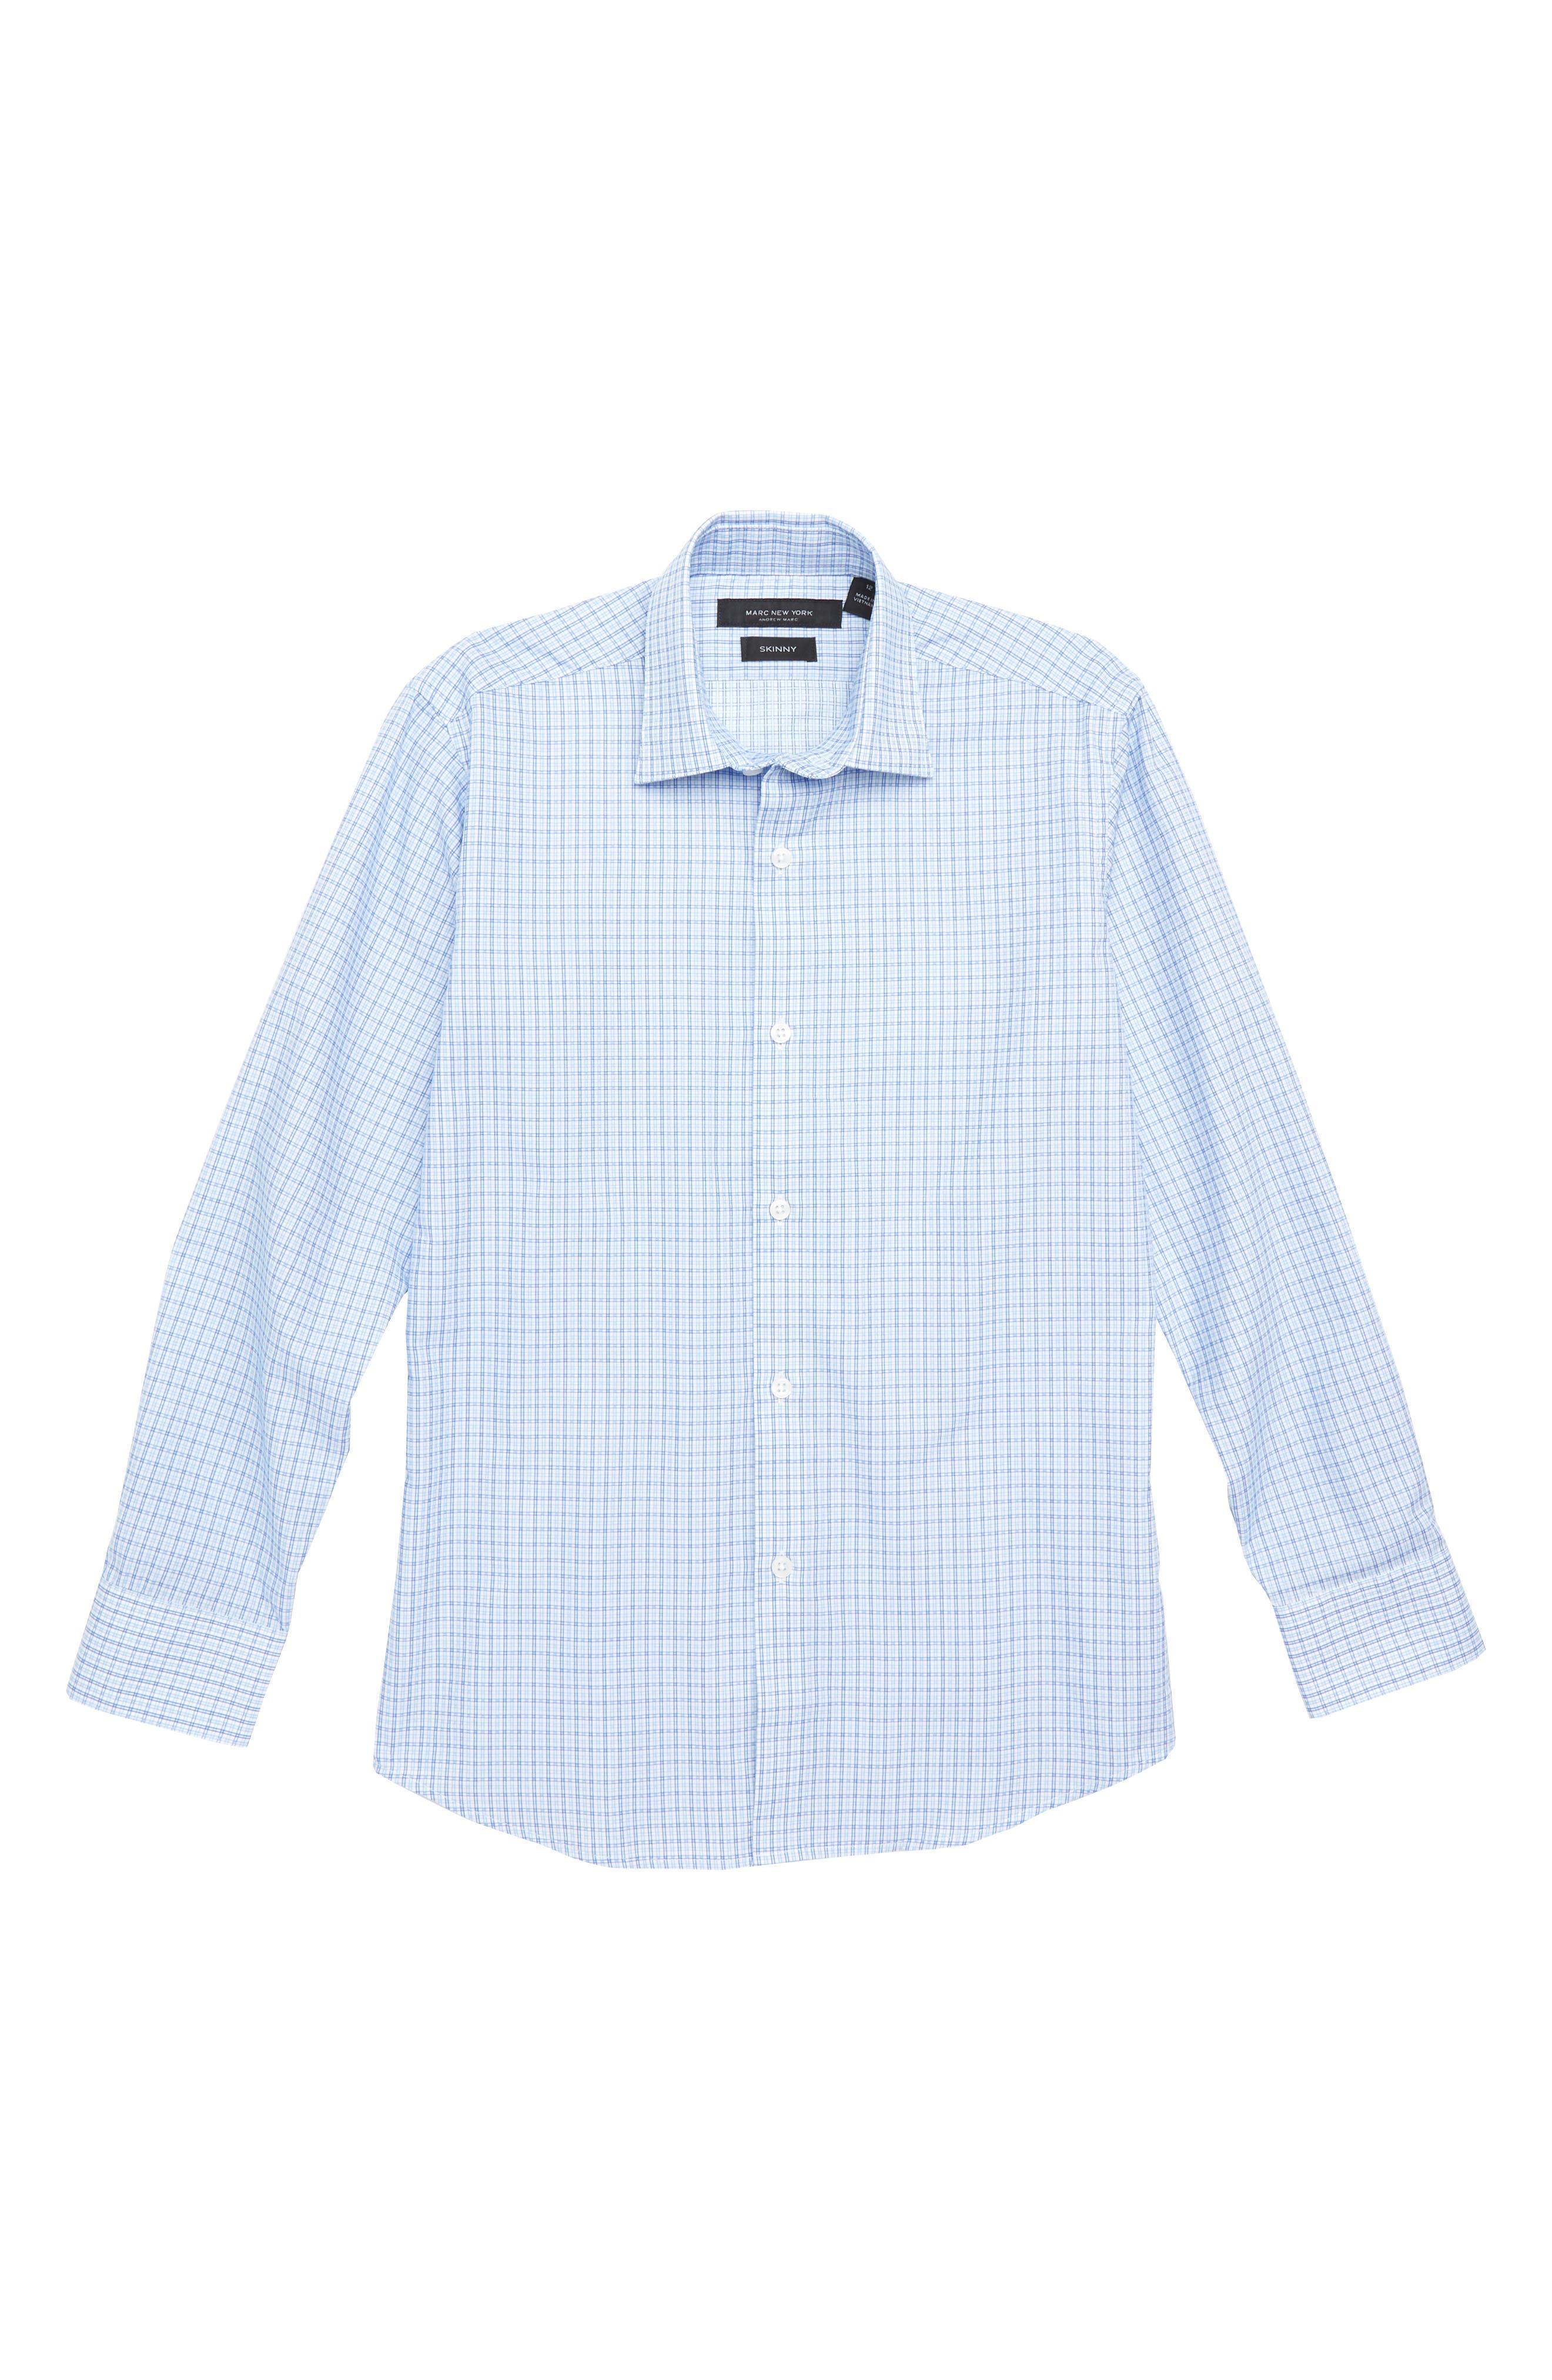 Check Dress Shirt,                             Main thumbnail 1, color,                             457